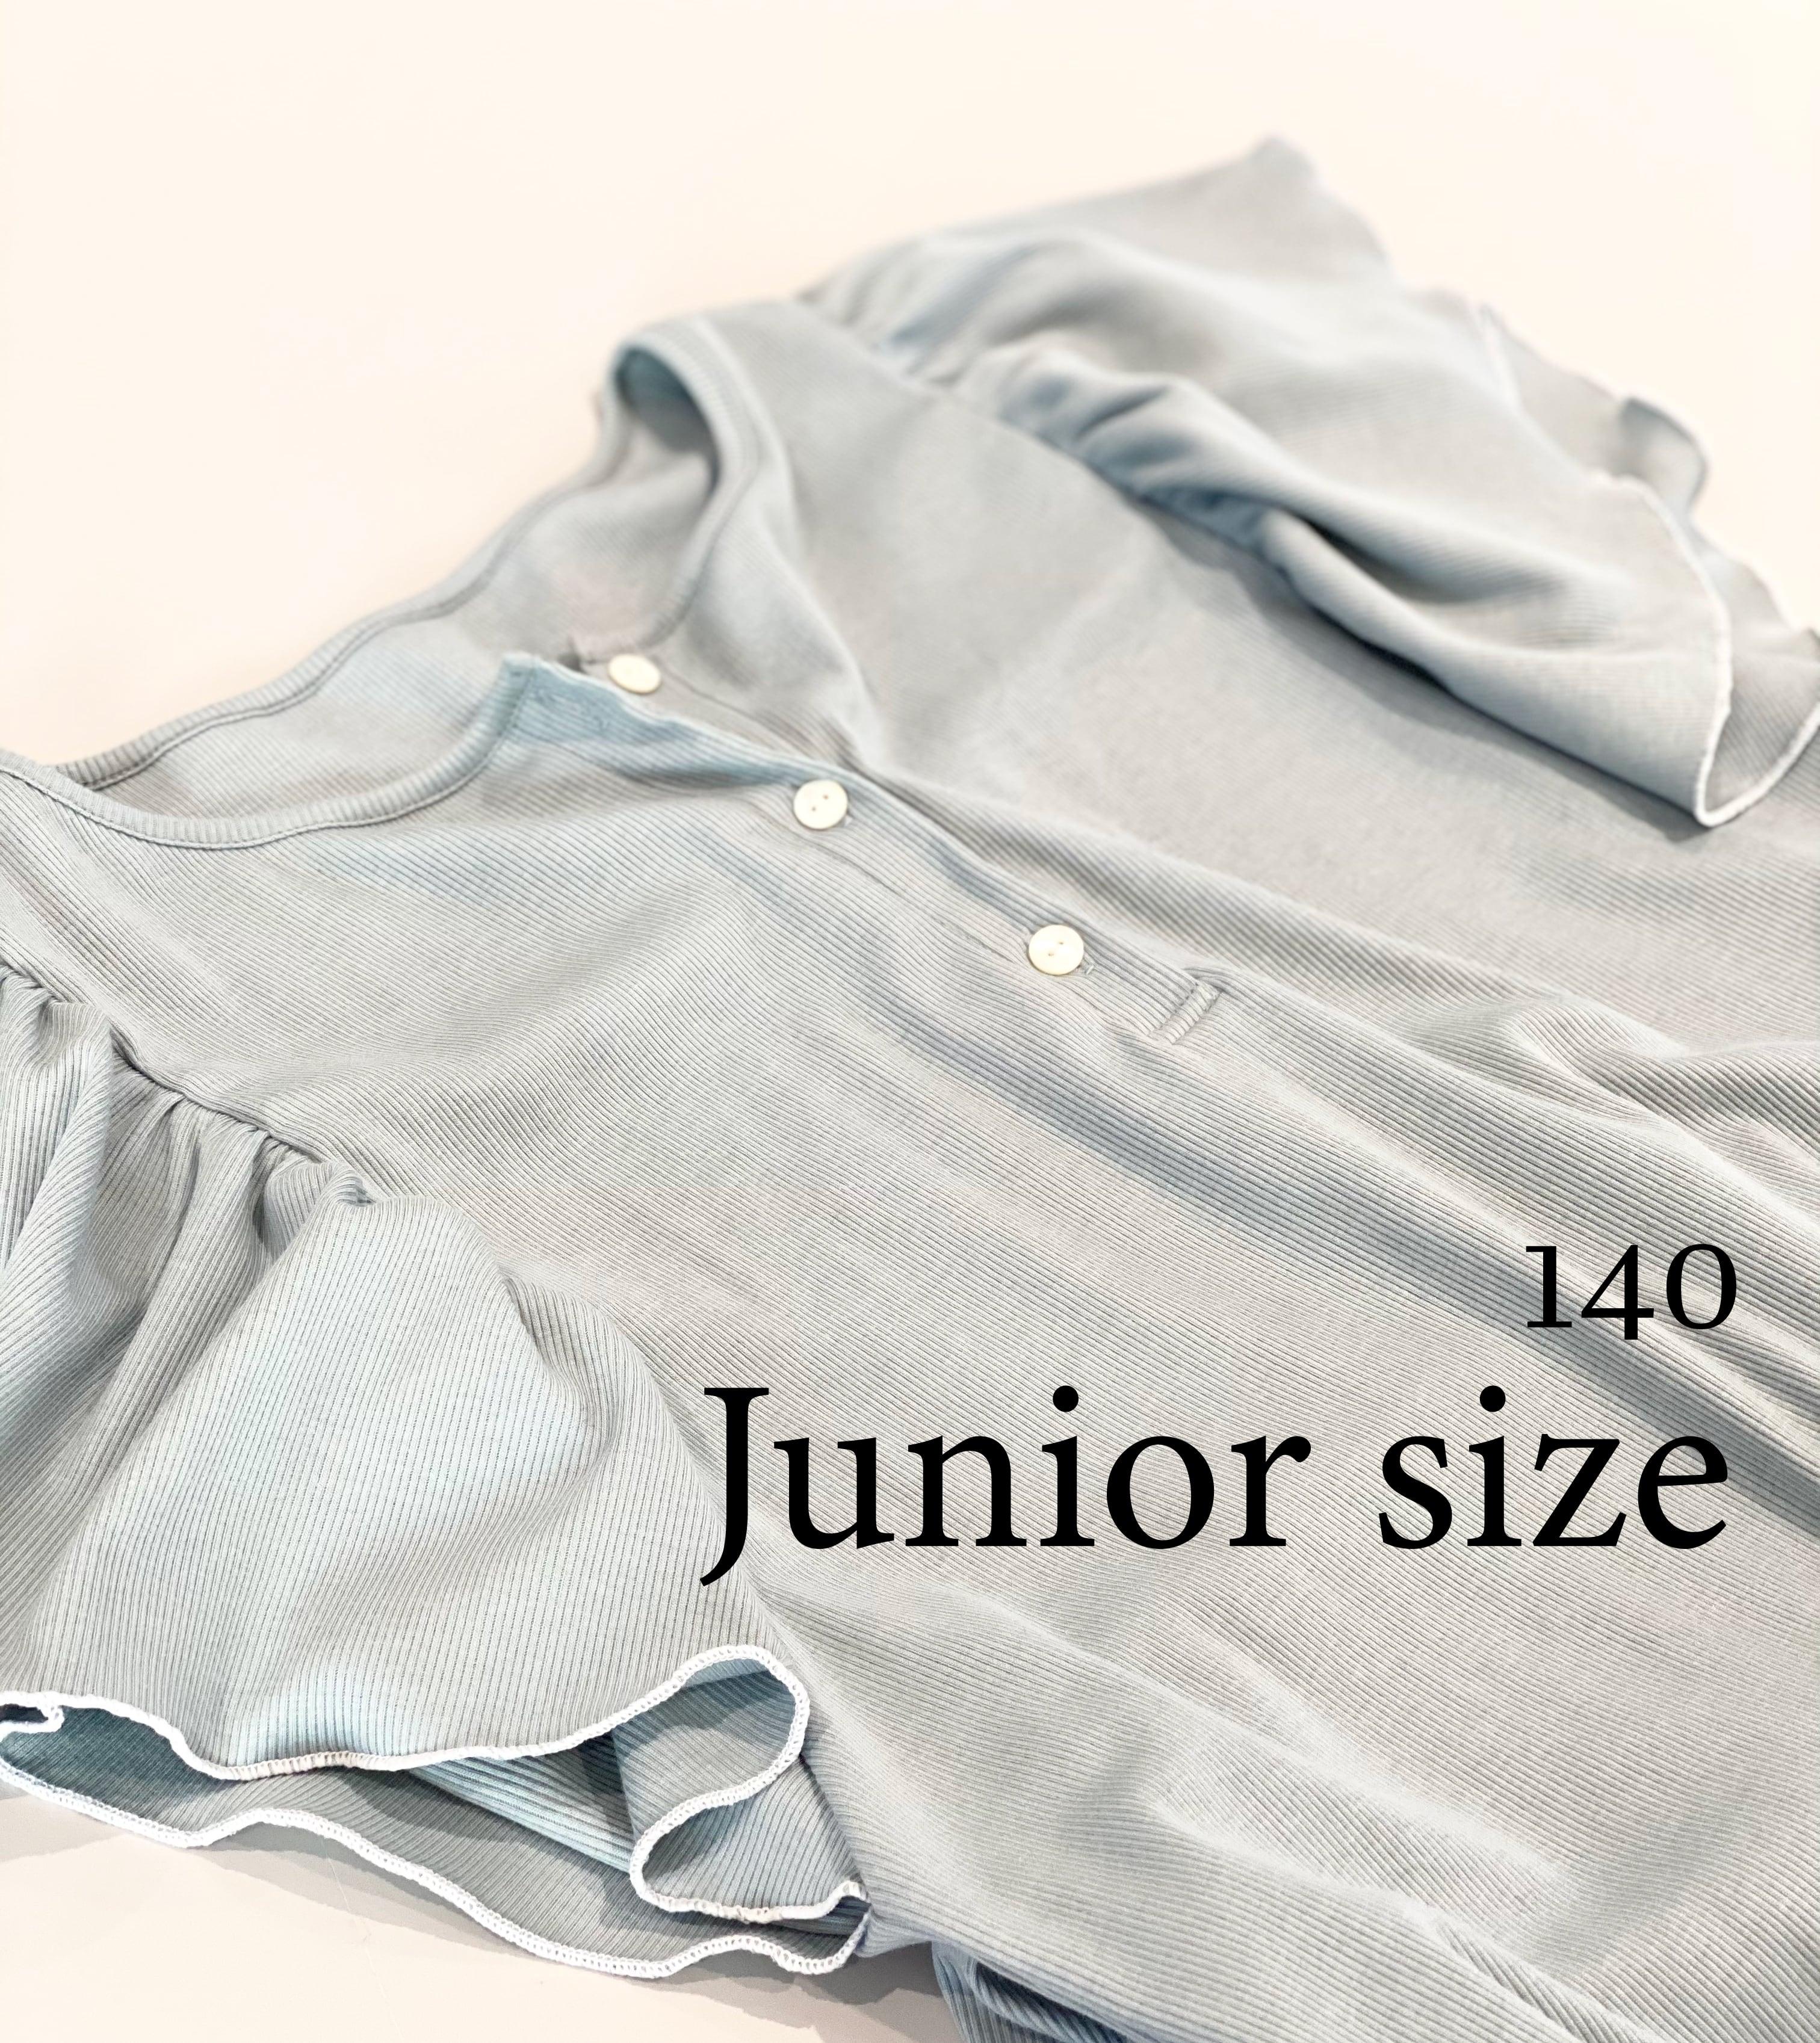 【ジュニアサイズ】【お母さんとお揃いも可愛い】メローフリルワンピースとパンツのセット/綿シルクテレコ/シミラールック